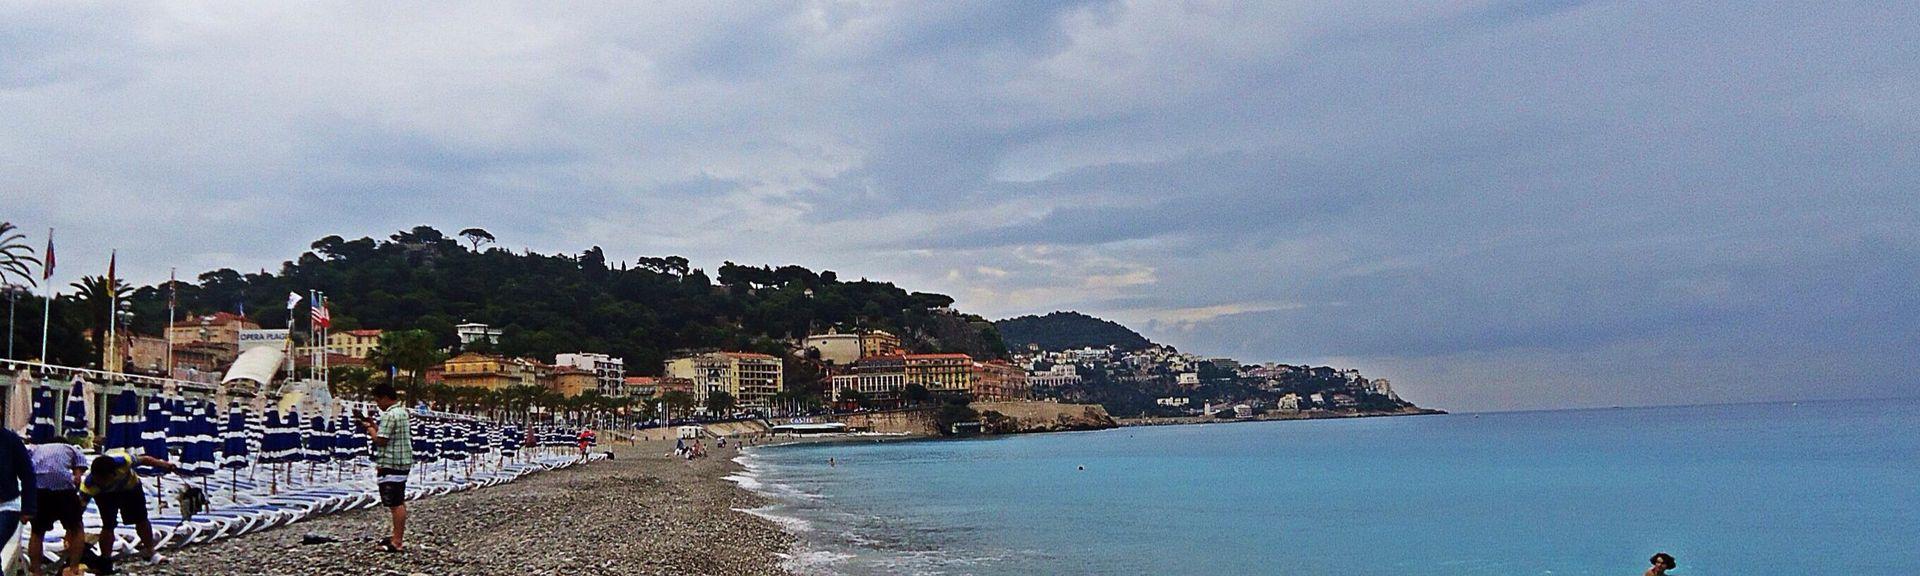 Promenade des Anglais, Nice, Alpes-Maritimes, Frankrig